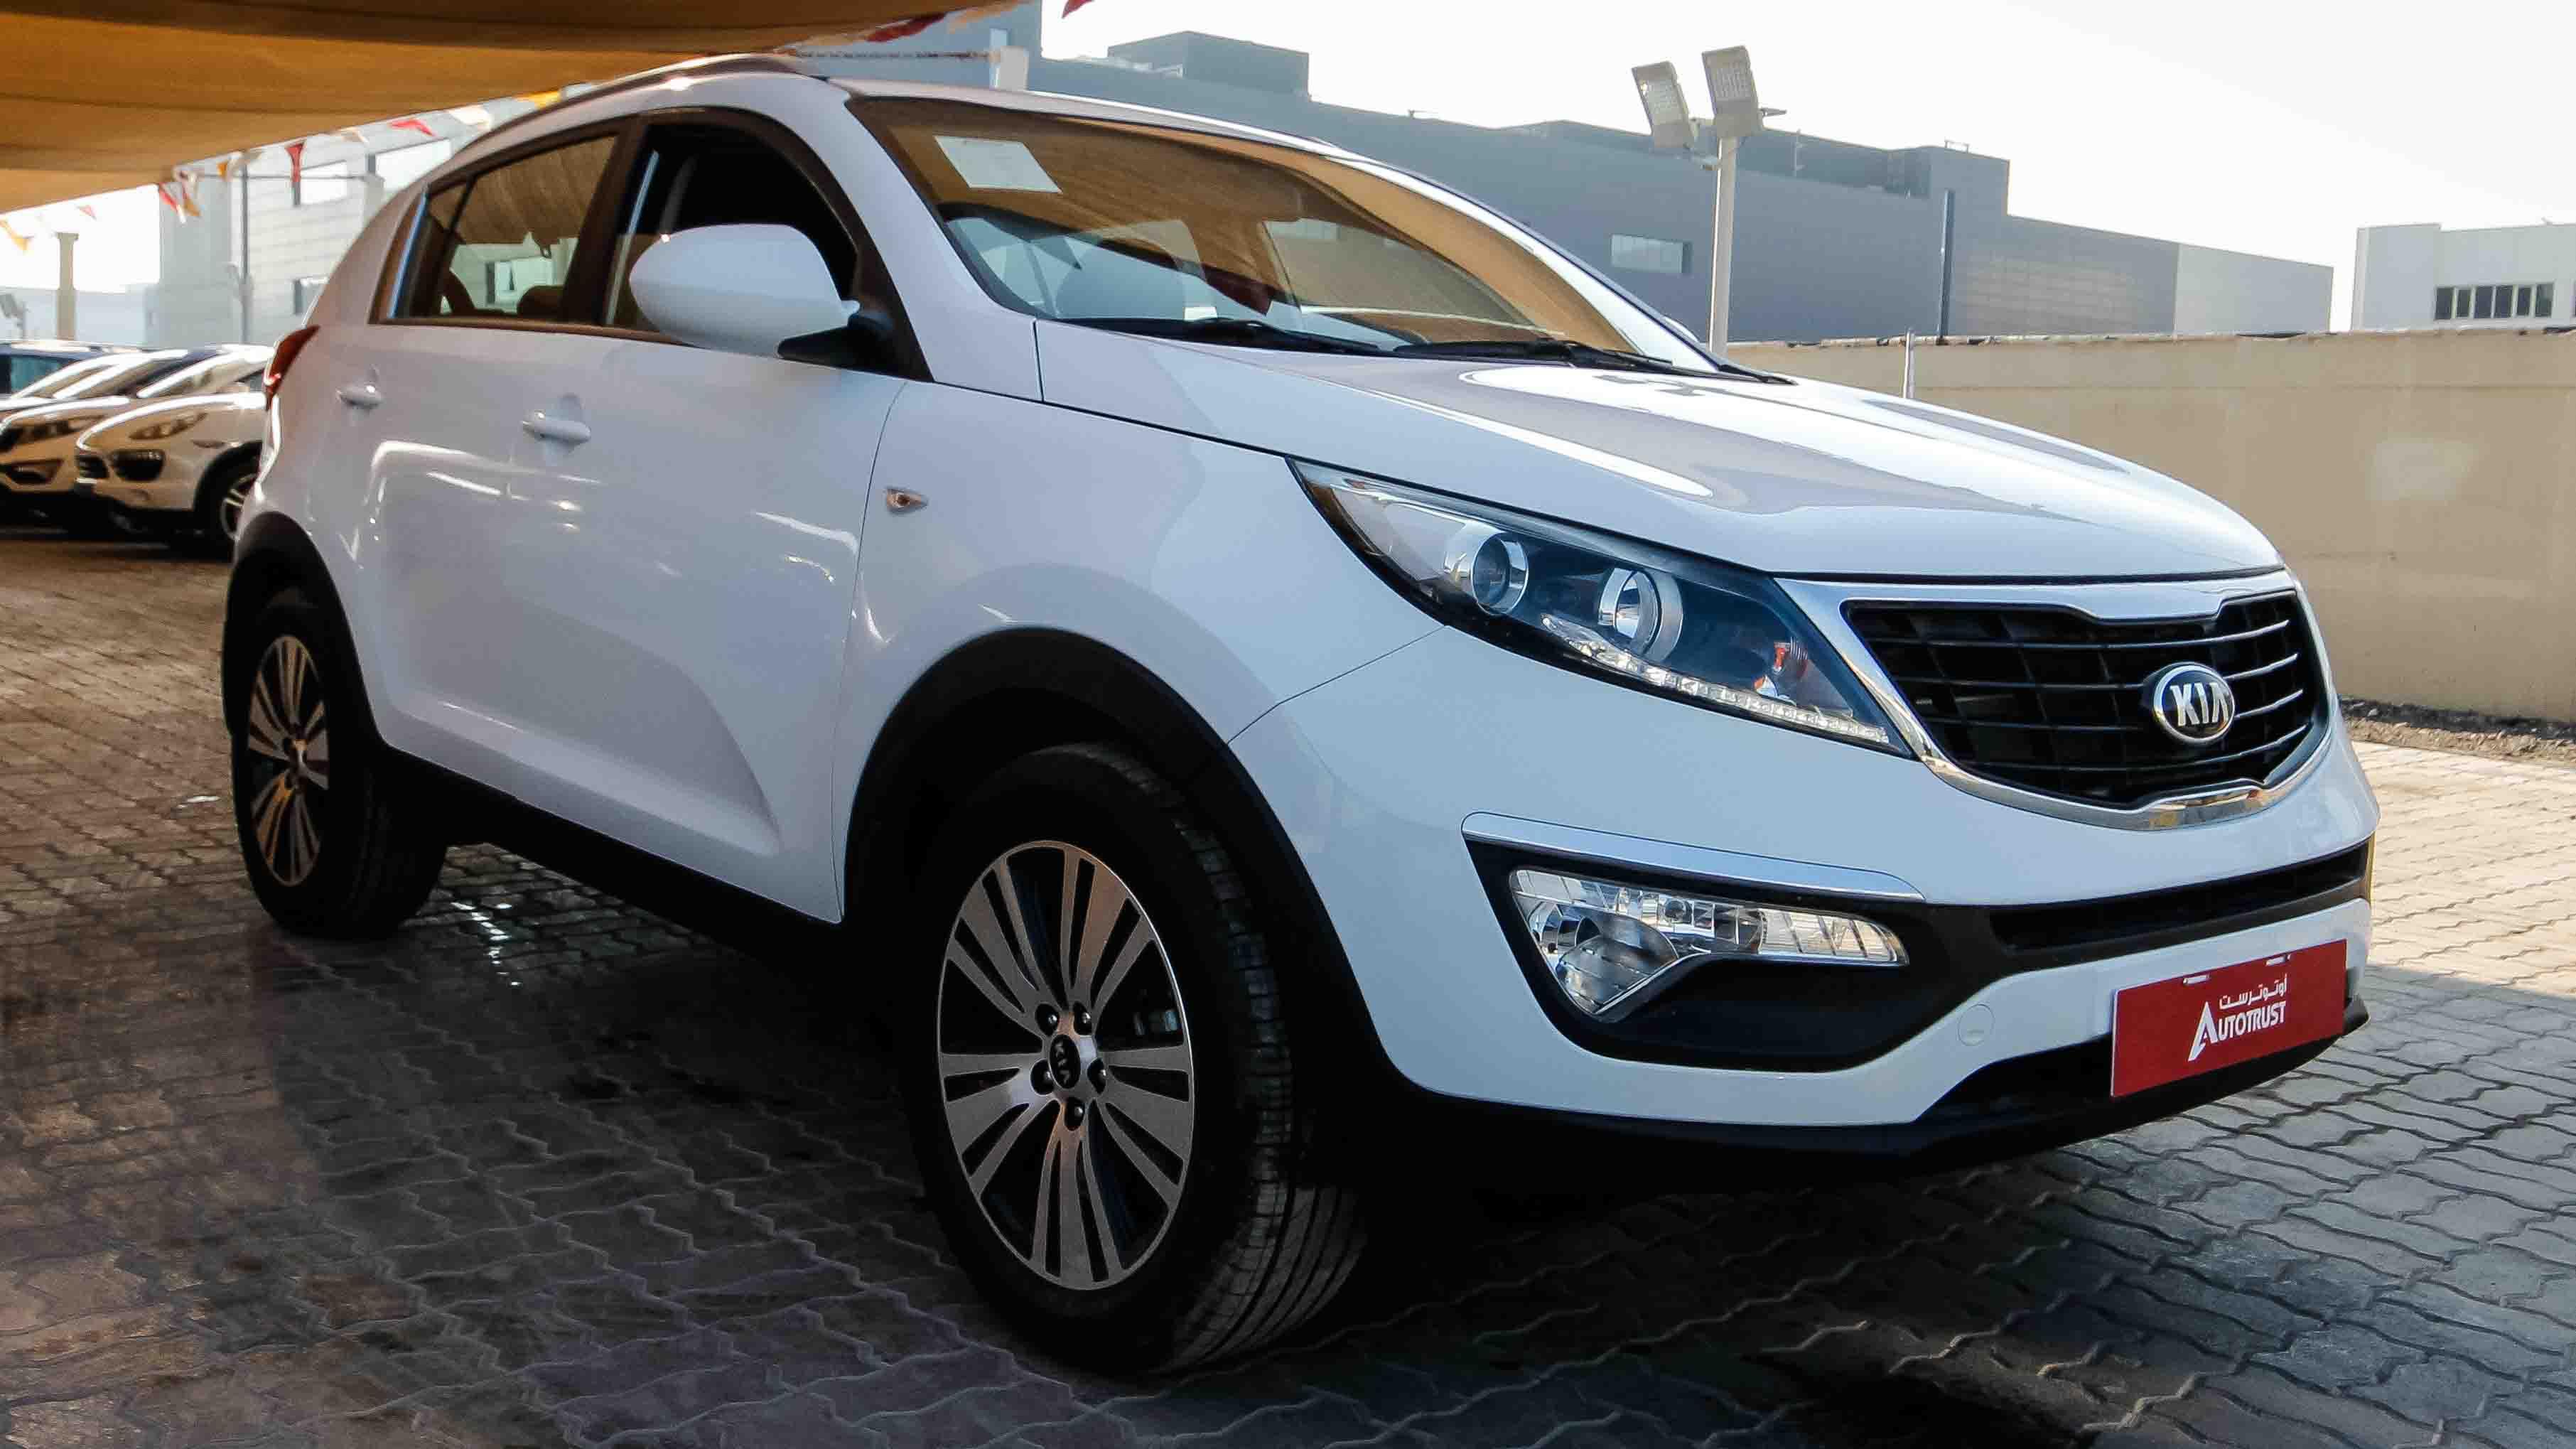 awd overview group kia auto listings dsc lx sportage gordon vehicle